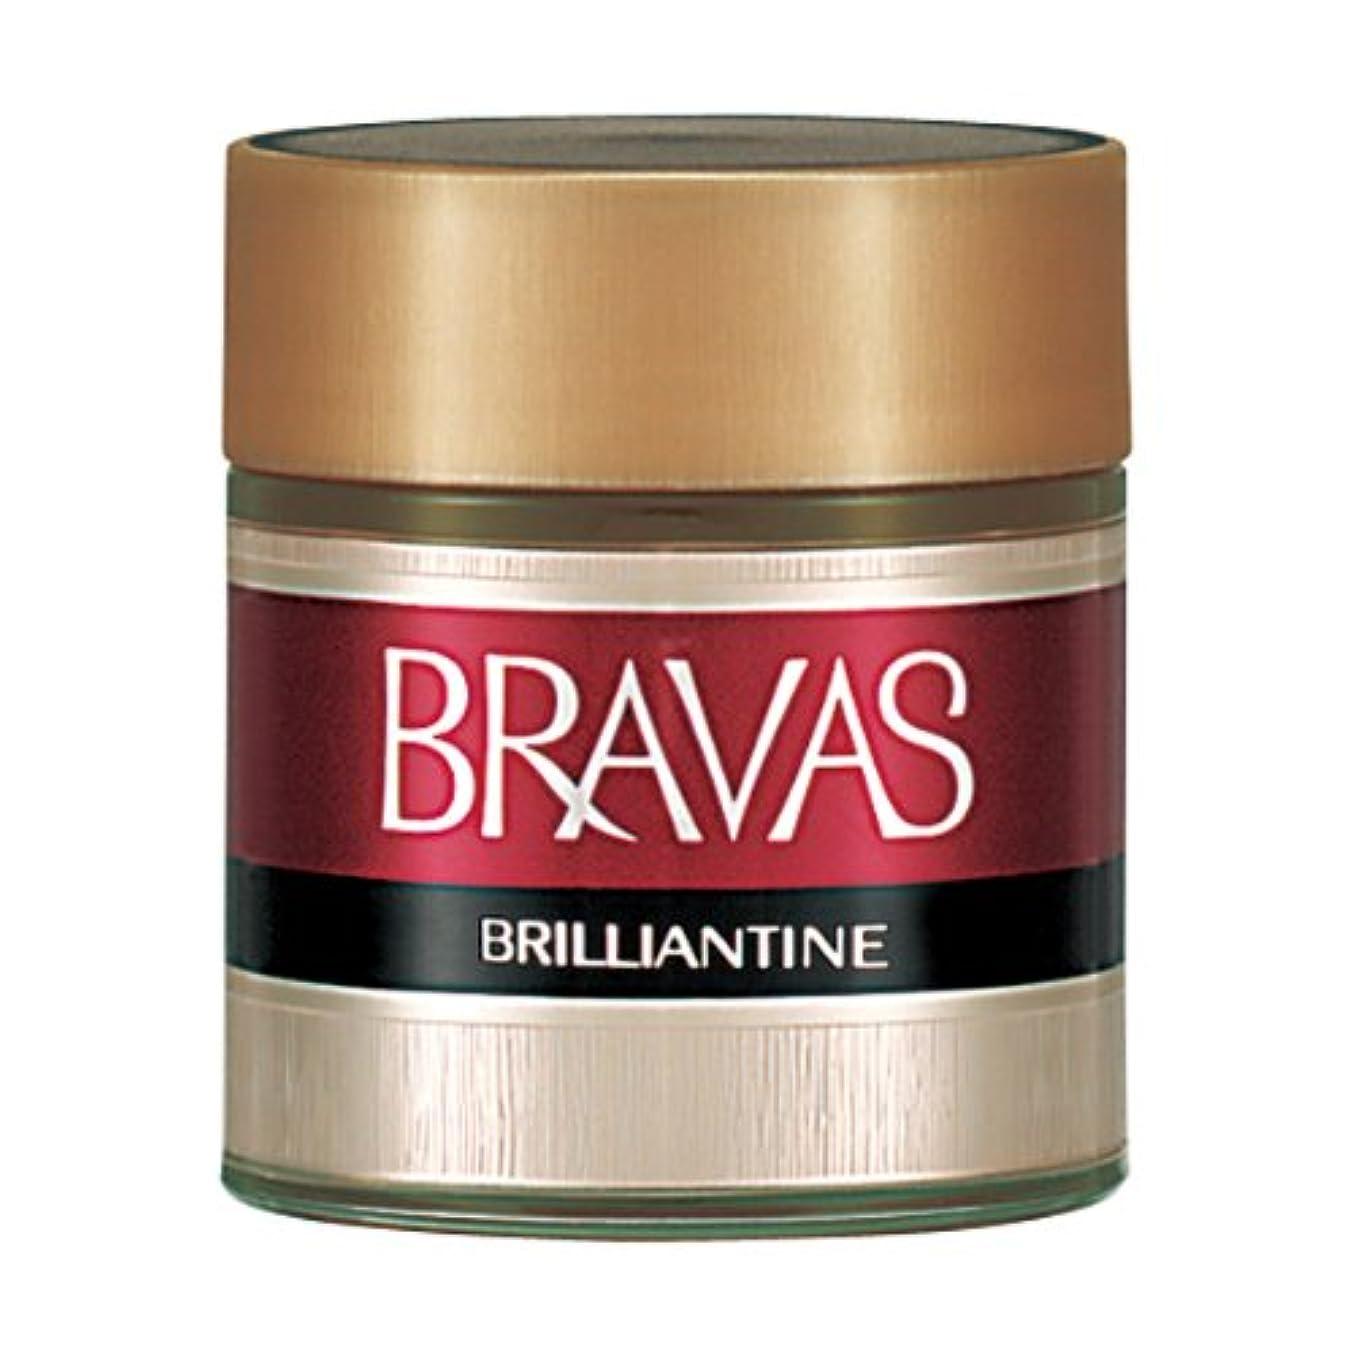 硬い立方体祝福ブラバス ブリランチン 85g